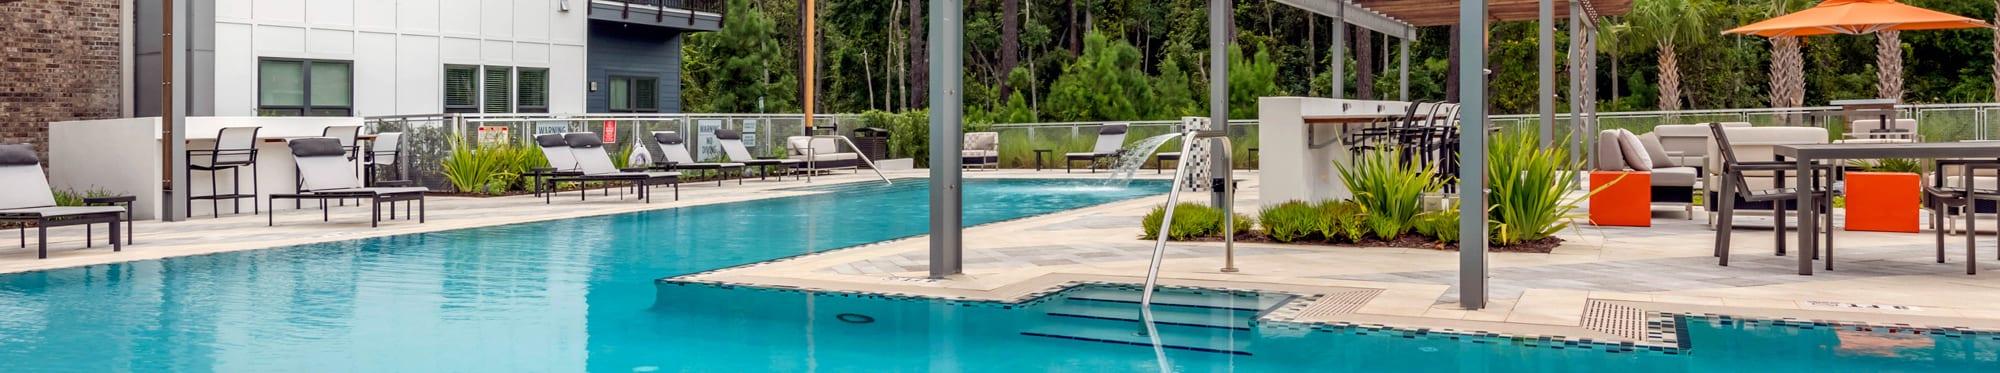 JTB Swimming Pool